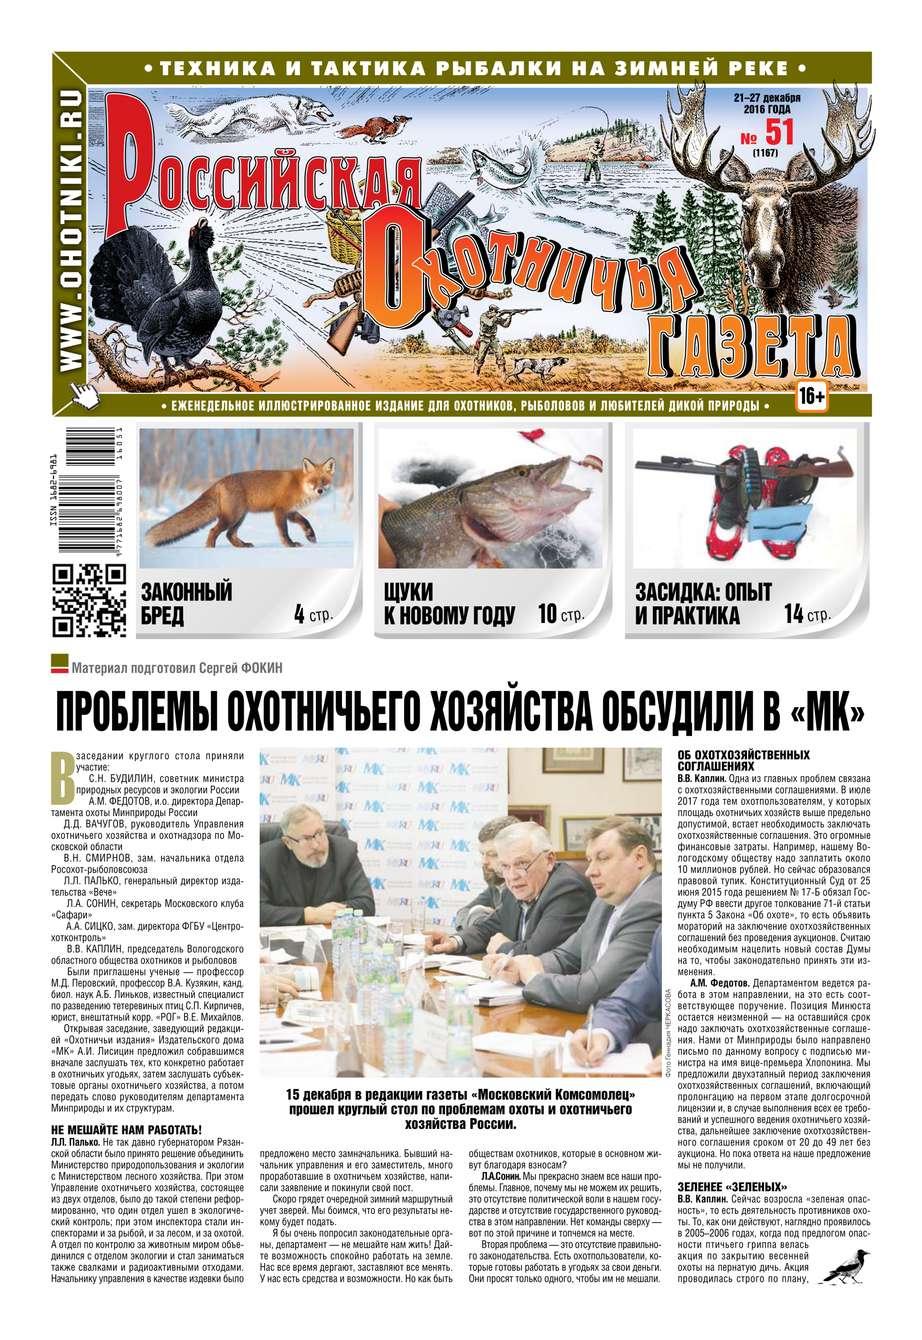 Редакция газеты Российская Охотничья Газета Российская Охотничья Газета 51-2016 цена в Москве и Питере